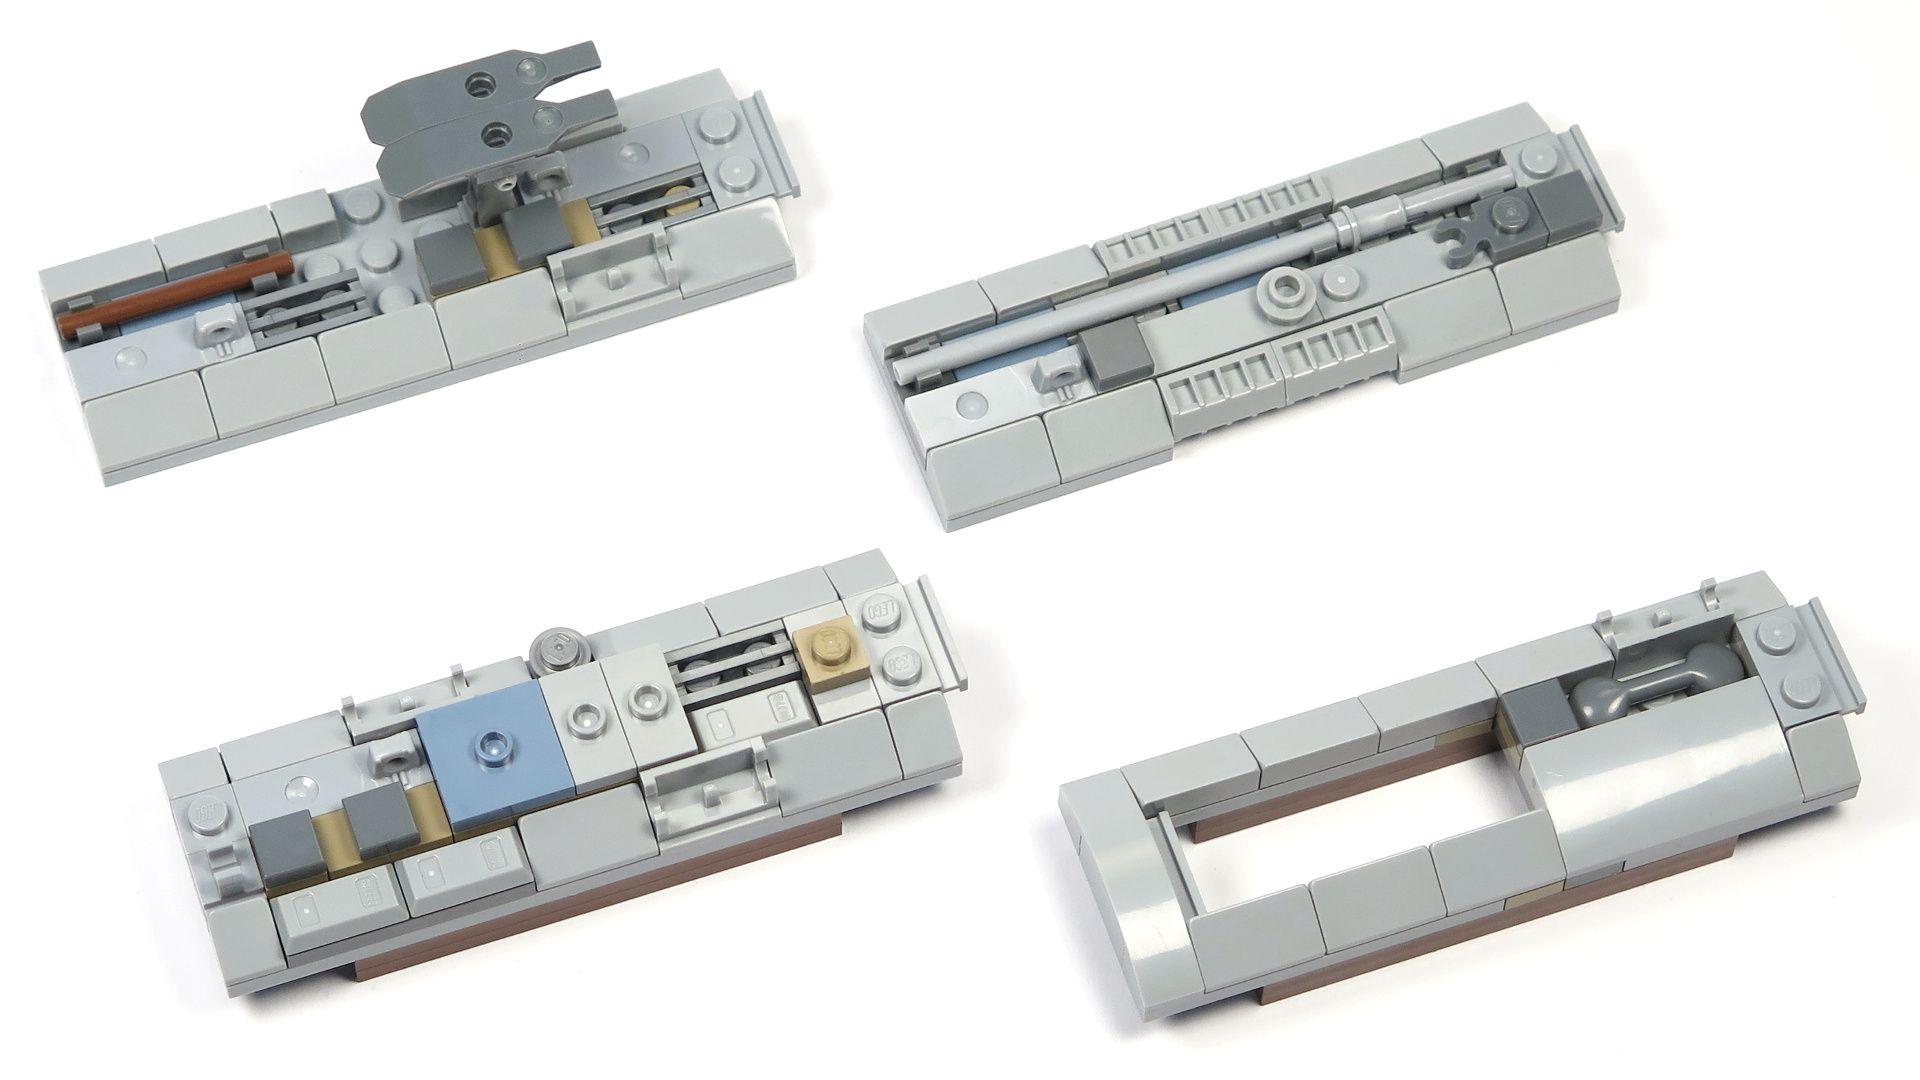 LEGO® Star Wars™ UCS Y-Wing Starfighter - Bauabschnitt 4 - Seitenteile vom Triebwerk | ©2018 Brickzeit